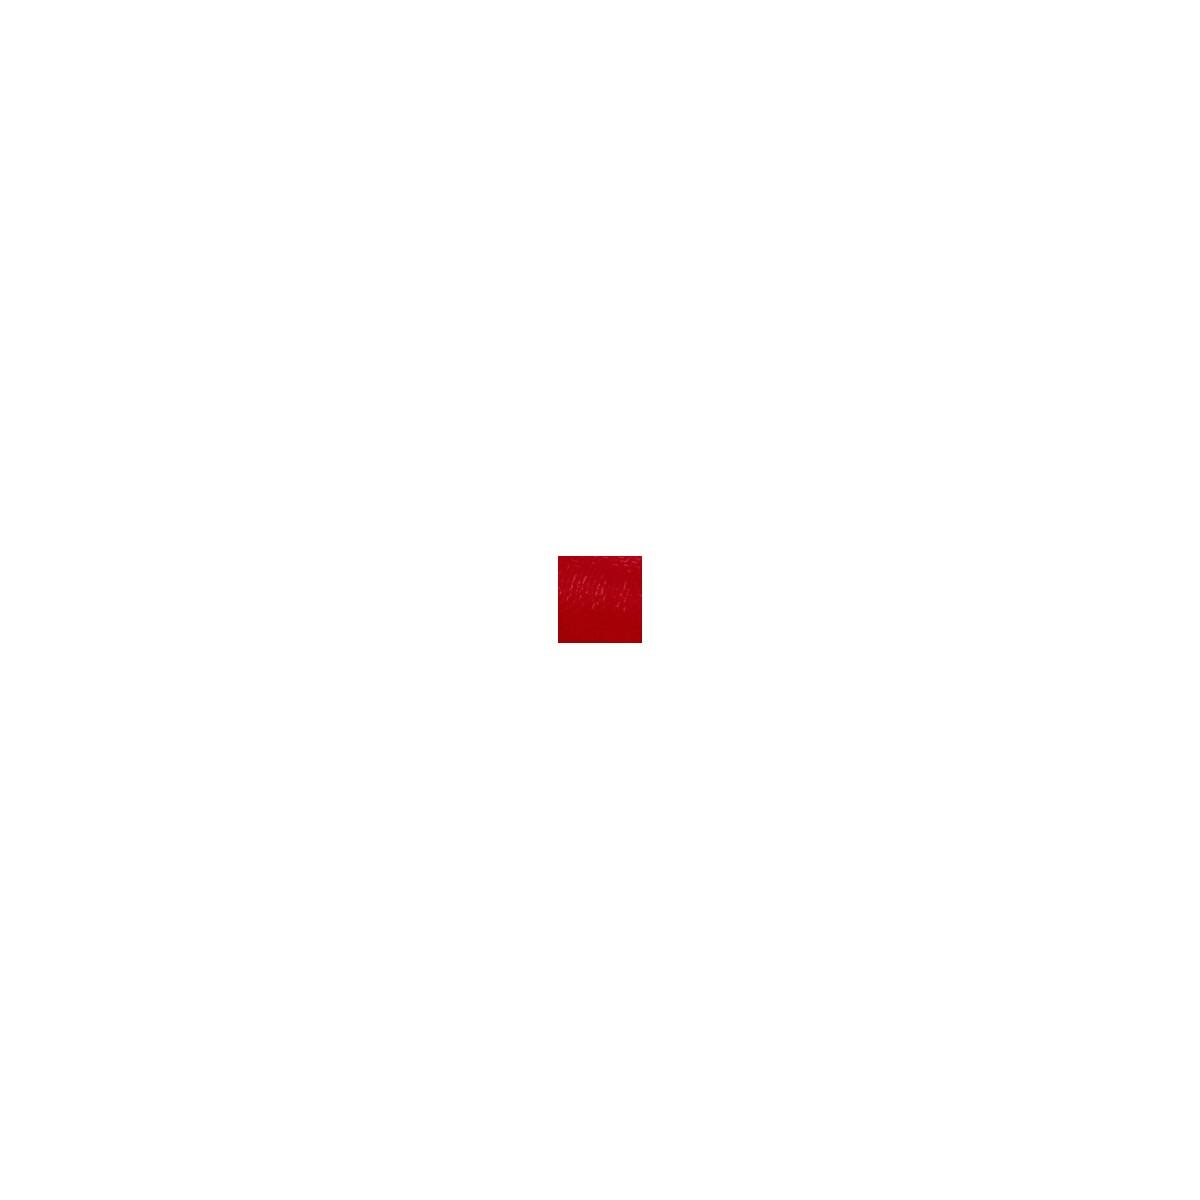 Deconet Telo Retina Cm.54x9,2 Mt. Rosso